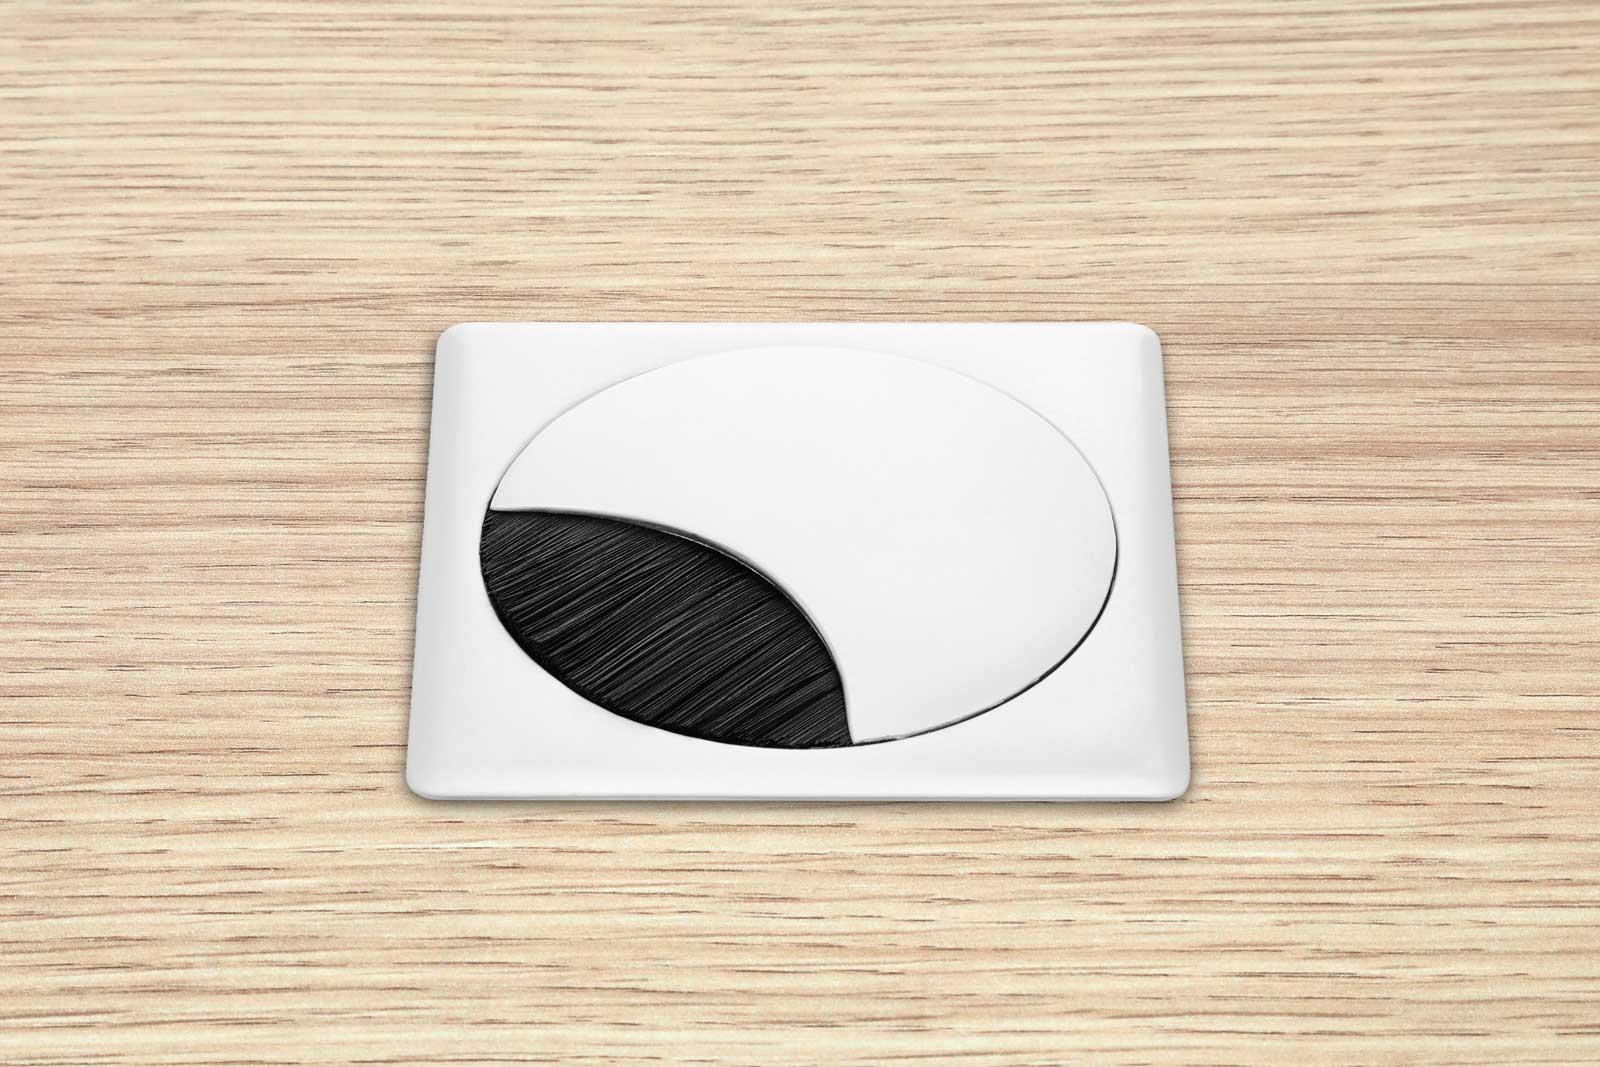 Eisnhauer Kabeldose Eckig Weiß Tischplatte